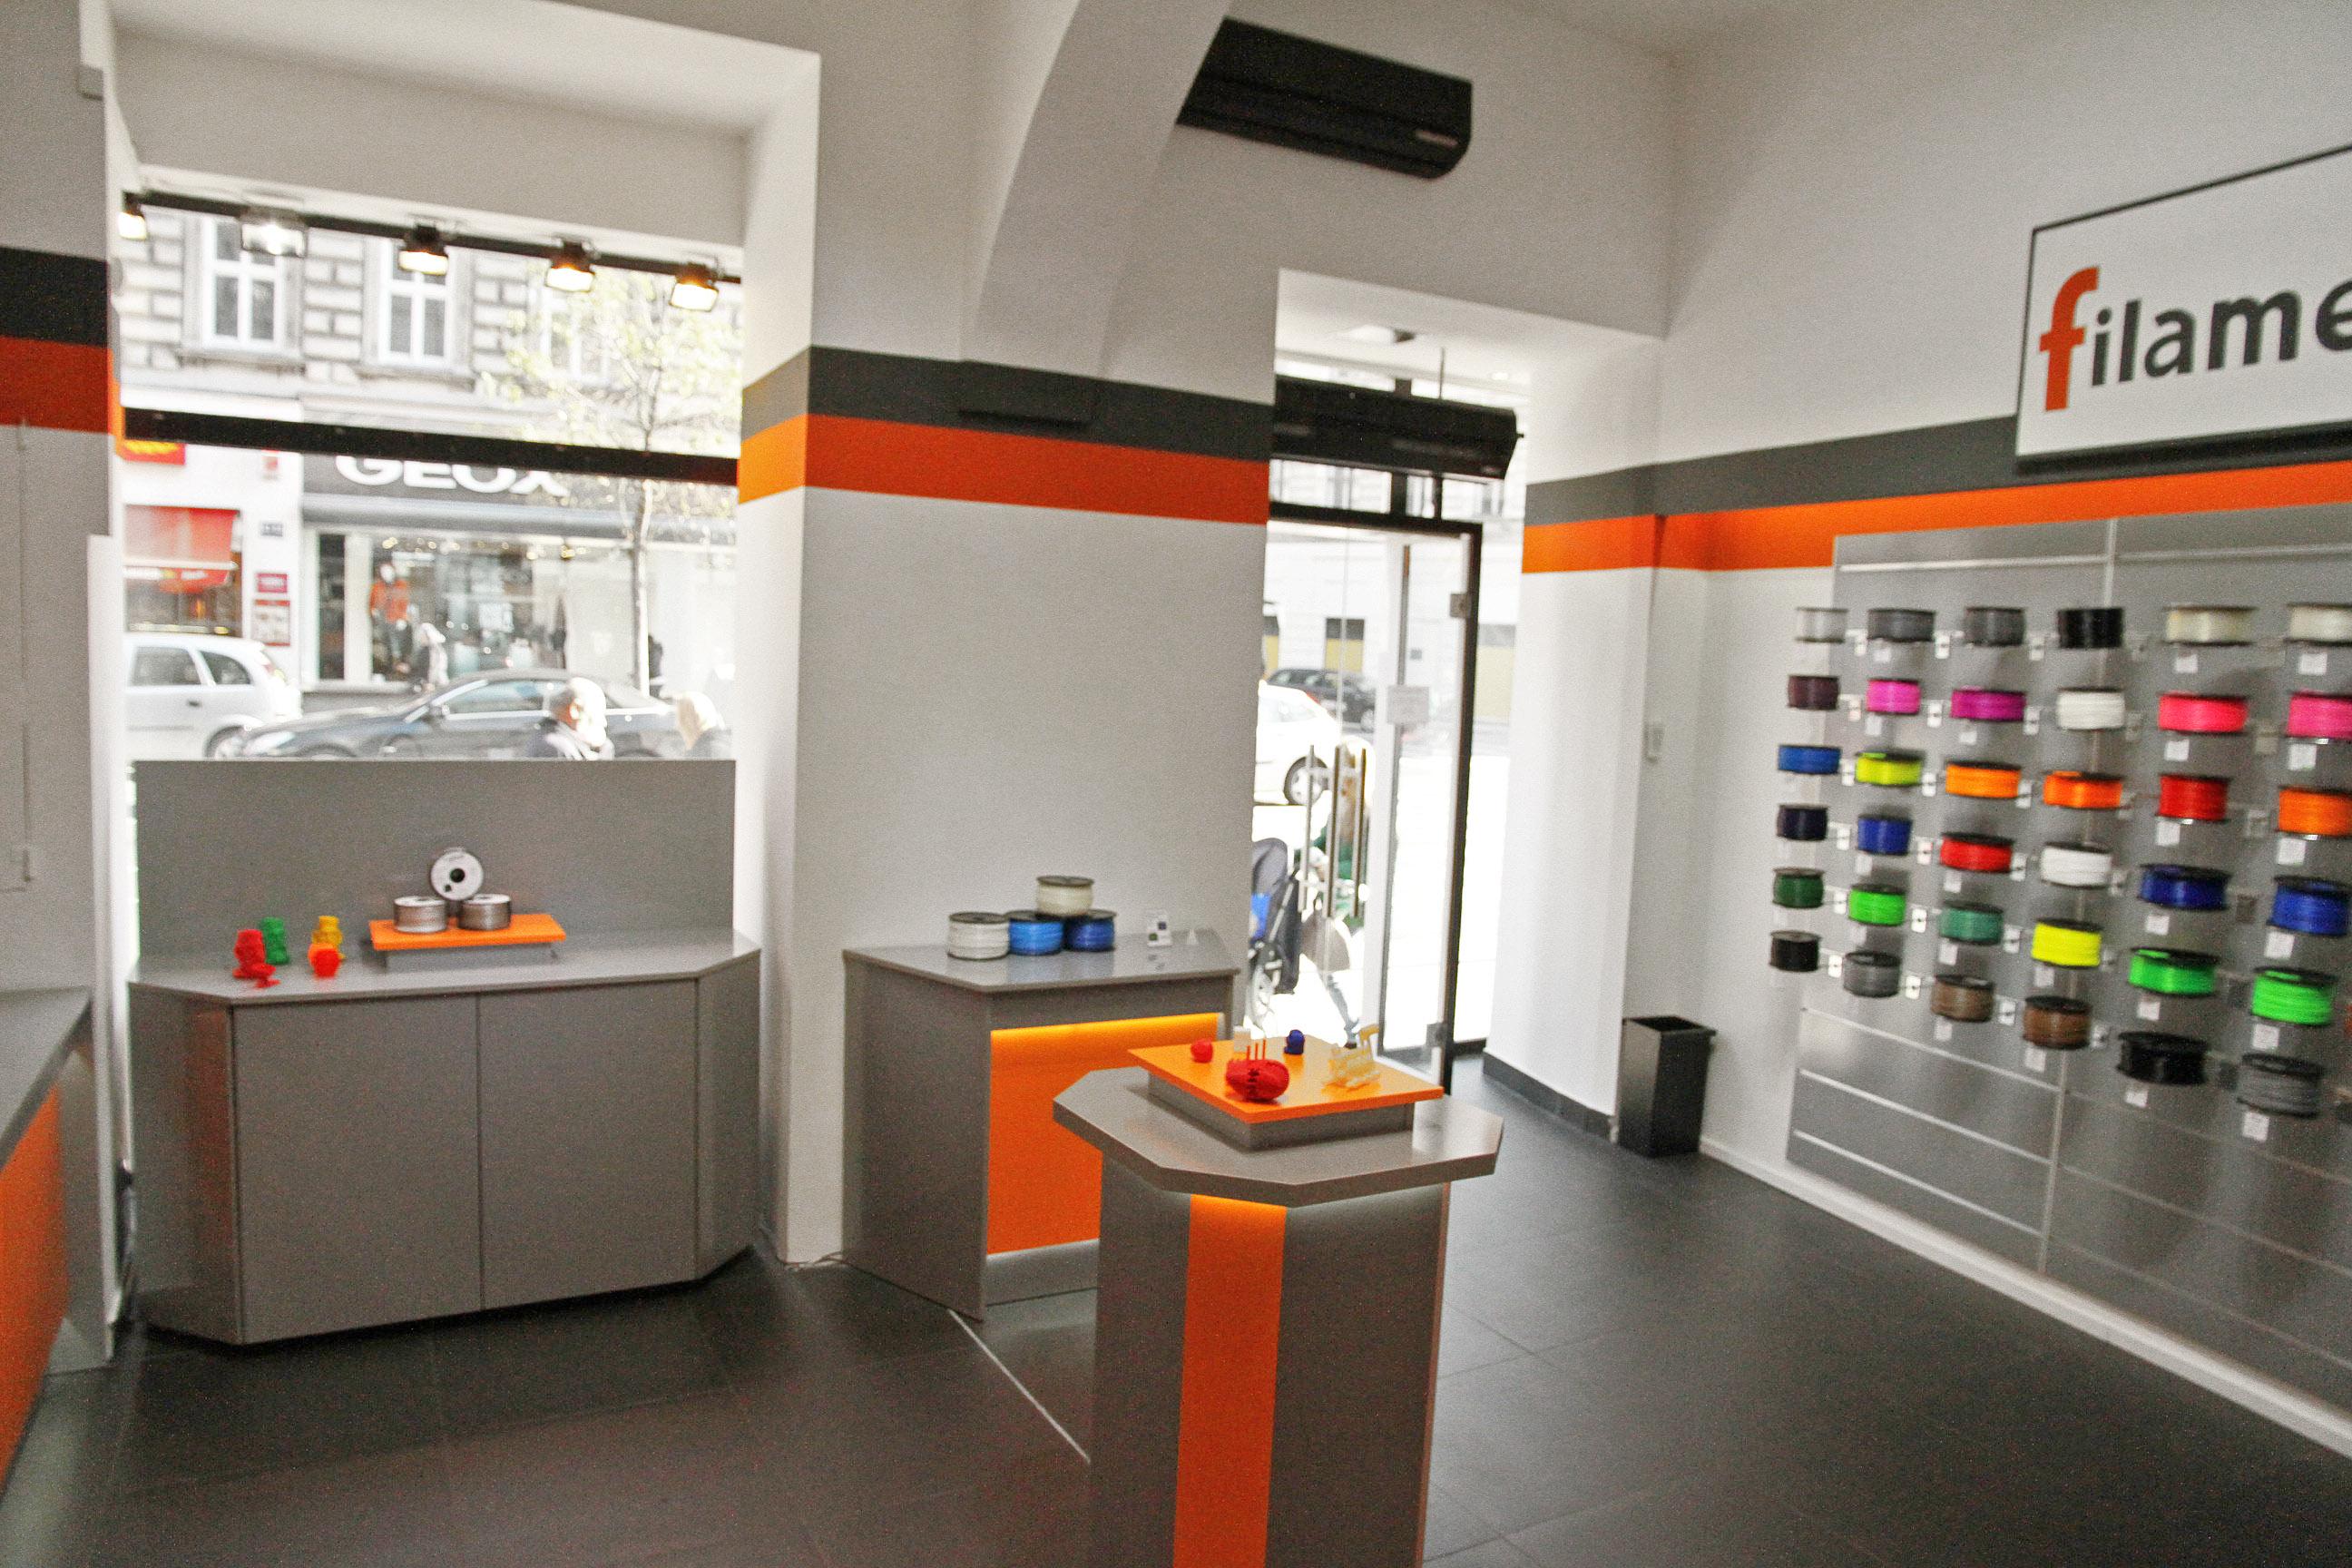 3dee.at – Österreichs erster 3D-Drucker-Shop